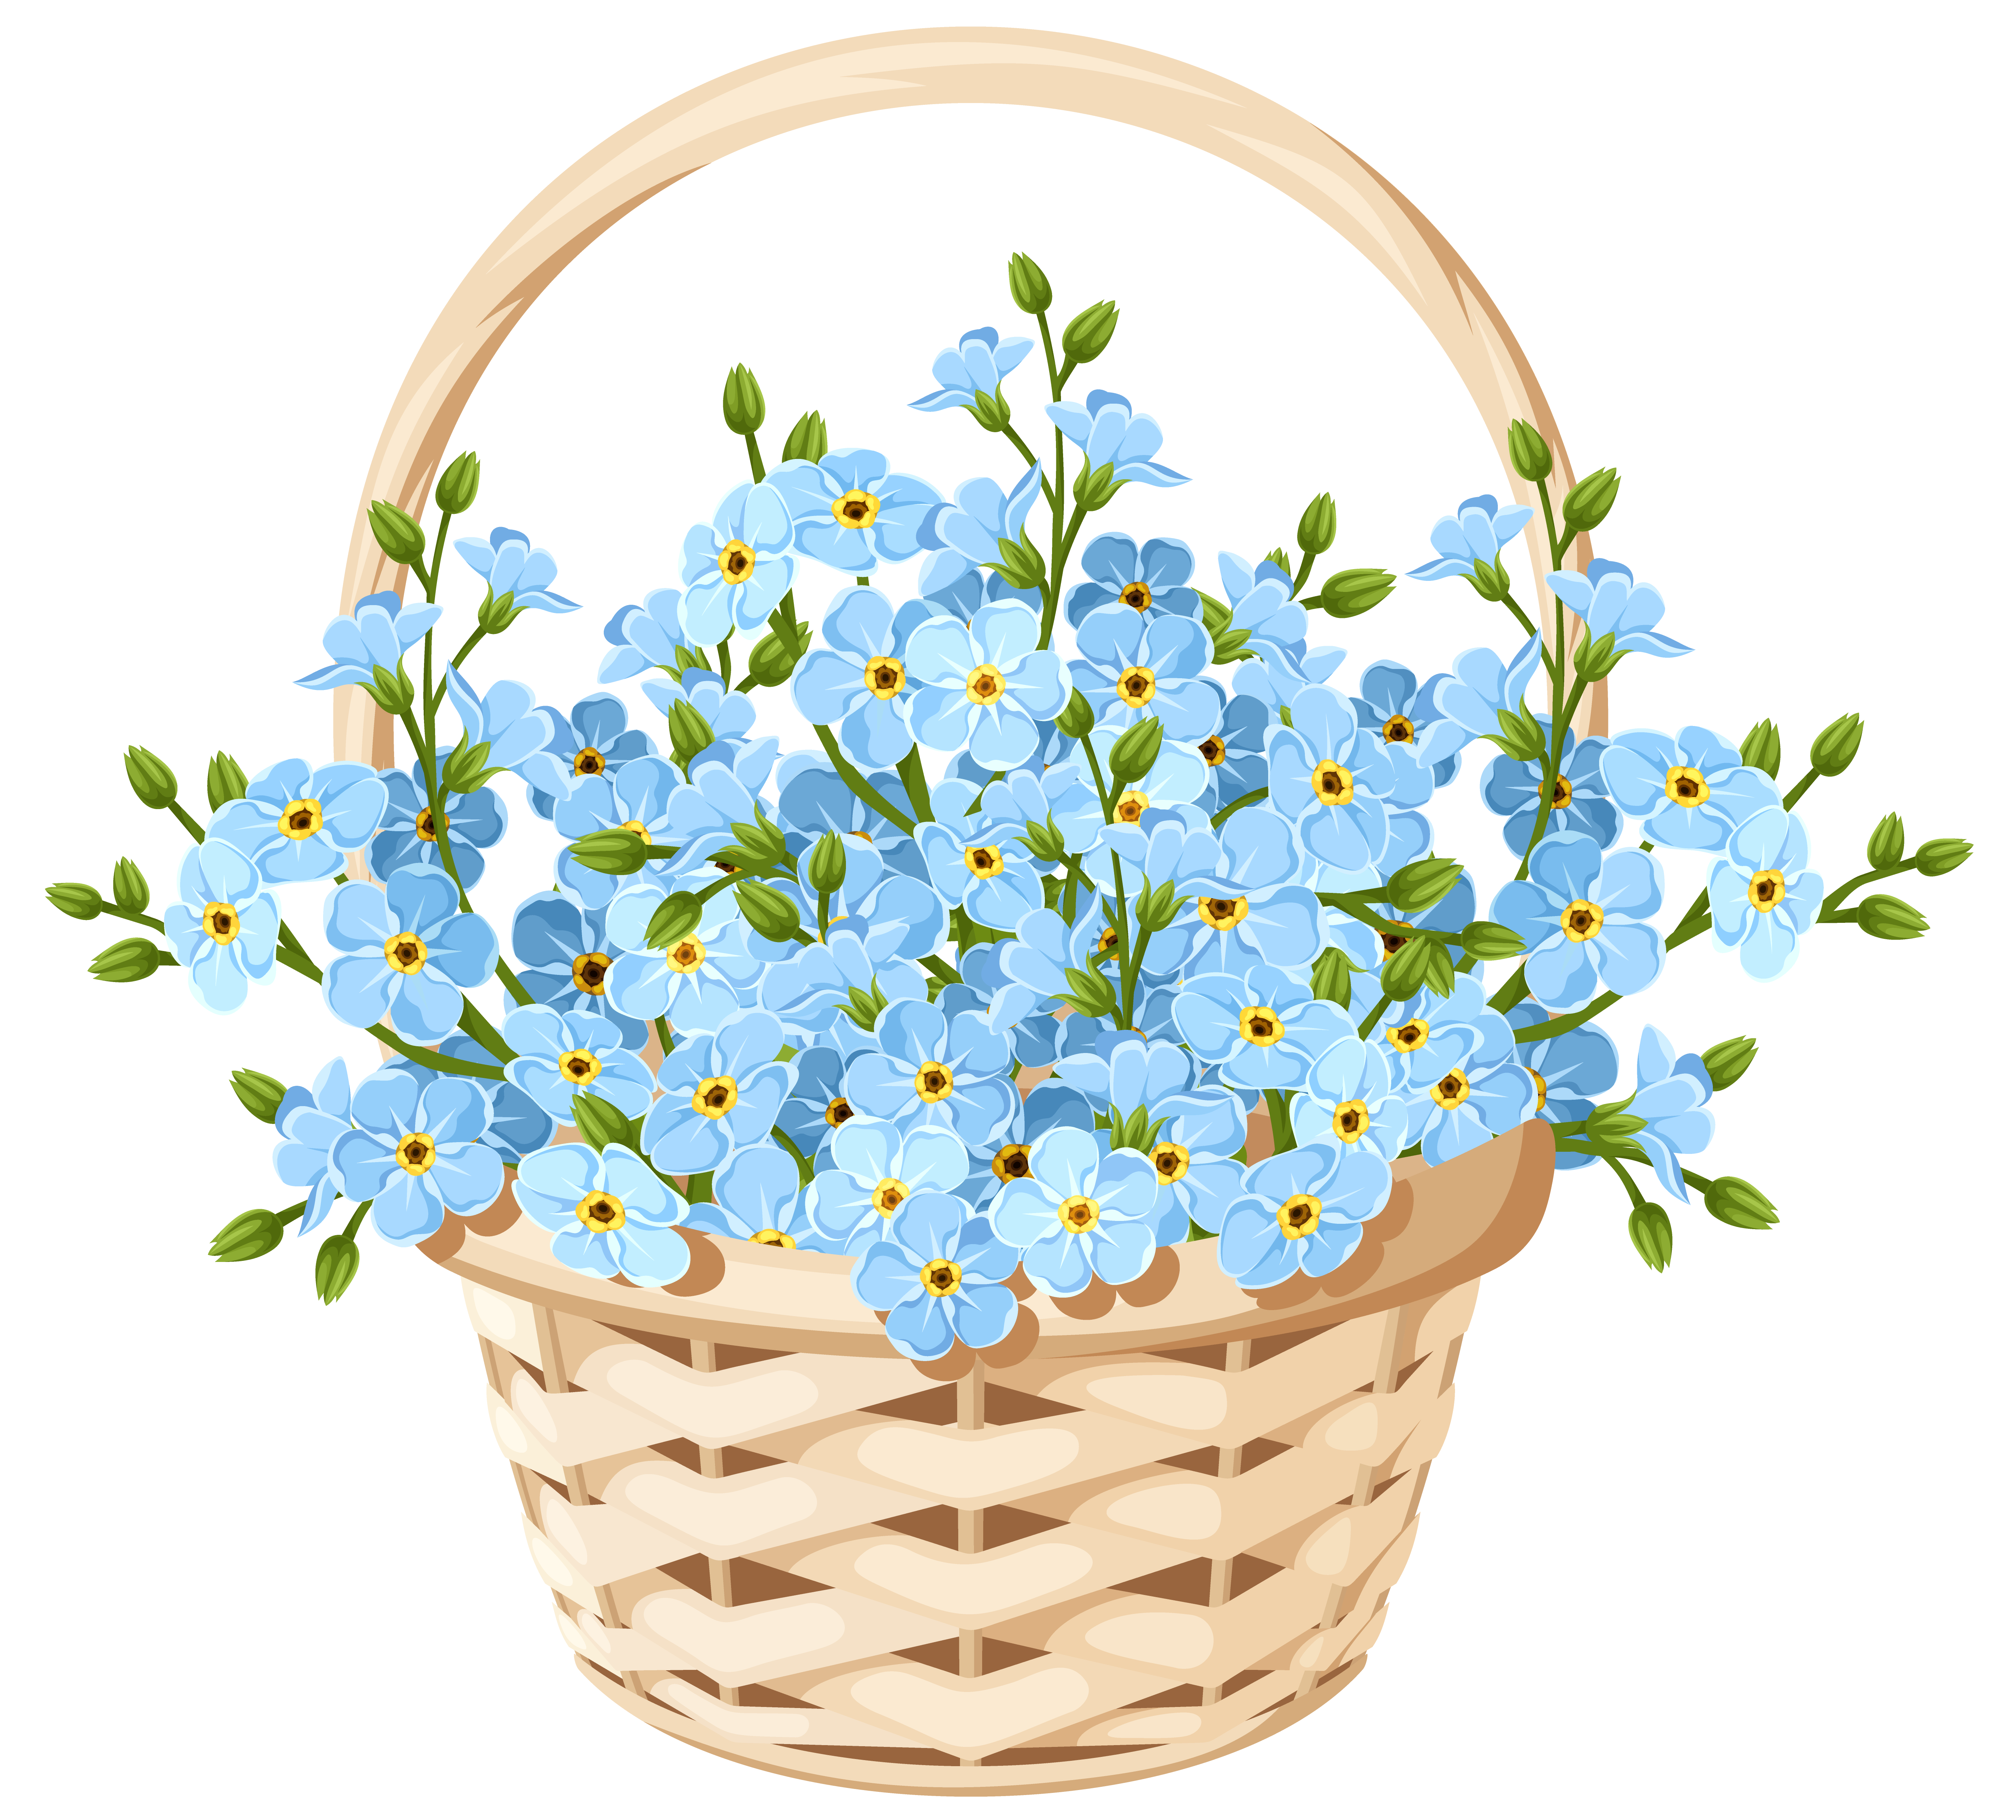 Free flower clipart transparent background jpg download Flower Basket Transparent PNG Clip Art Image | Gallery Yopriceville ... jpg download